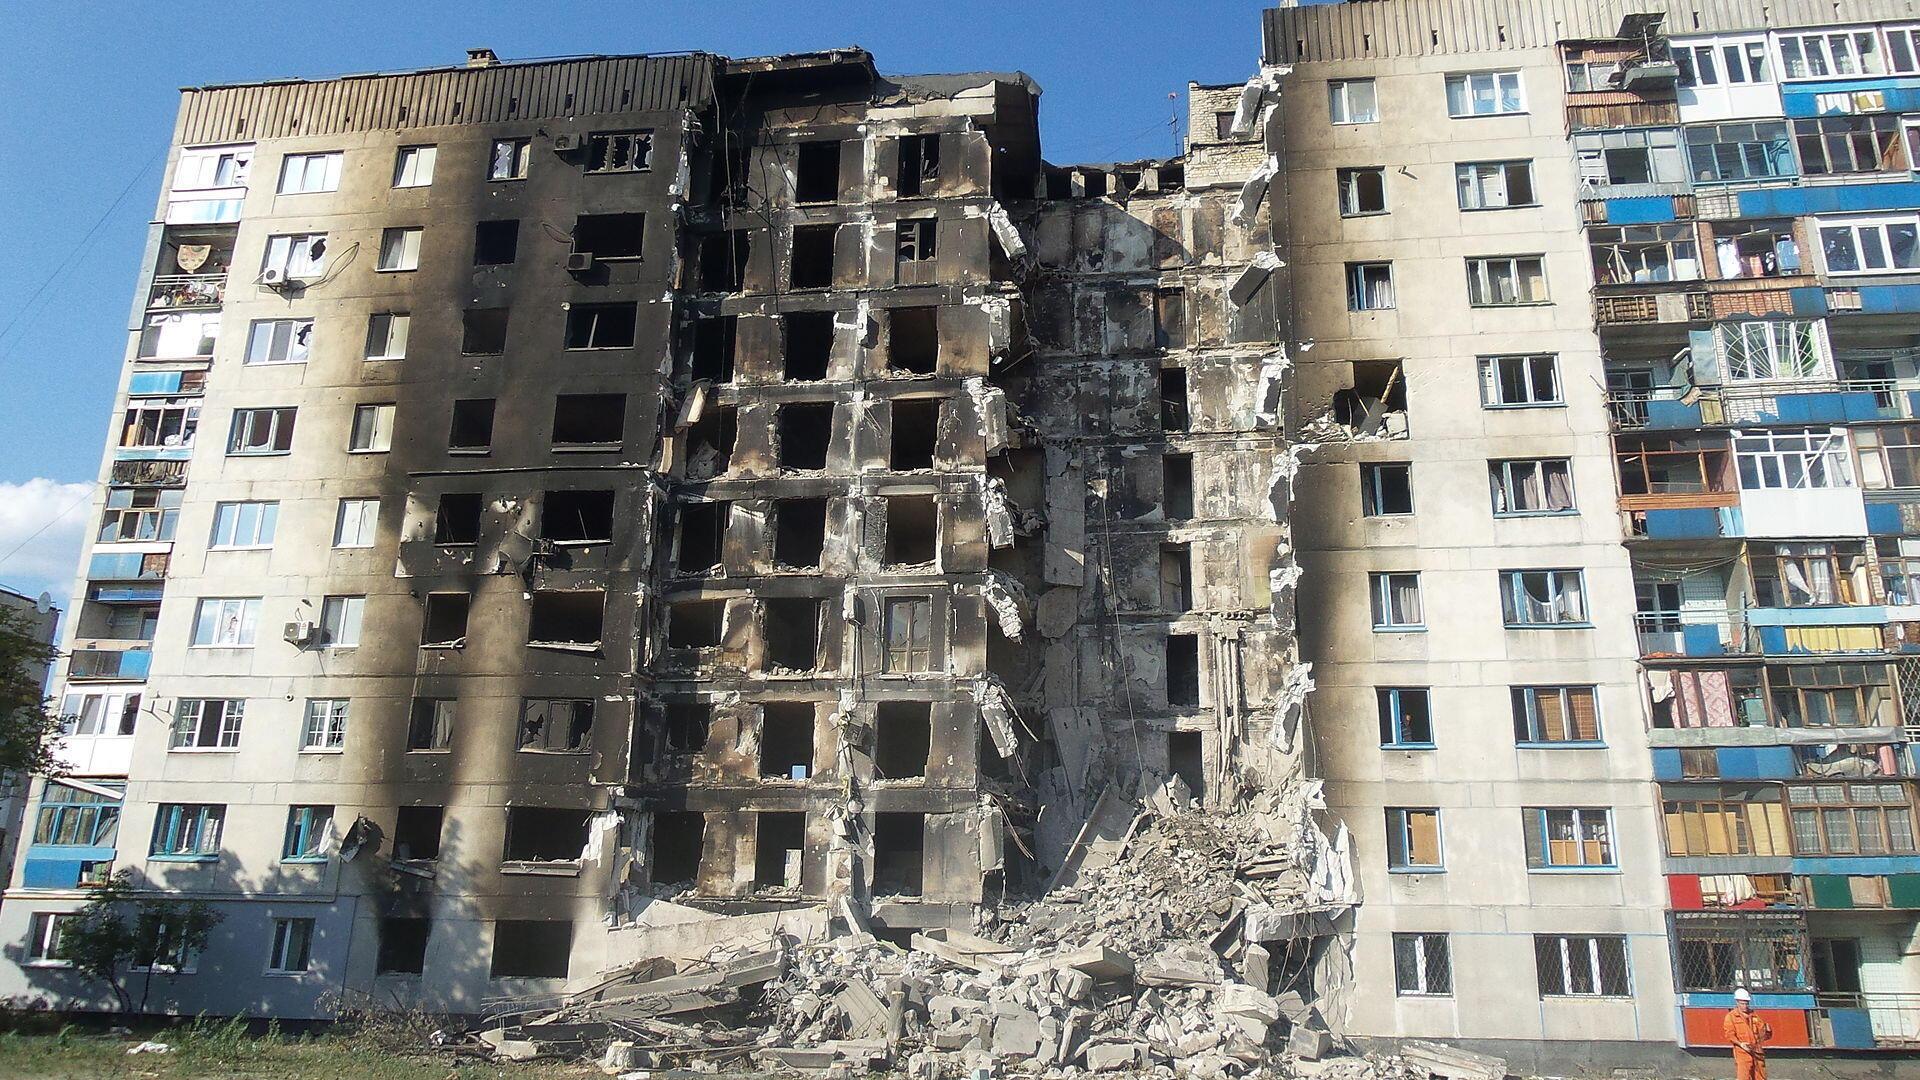 Một khu nhà bị phá hủy trong chiến tranh ở Lysychansk, vùng Donbass.